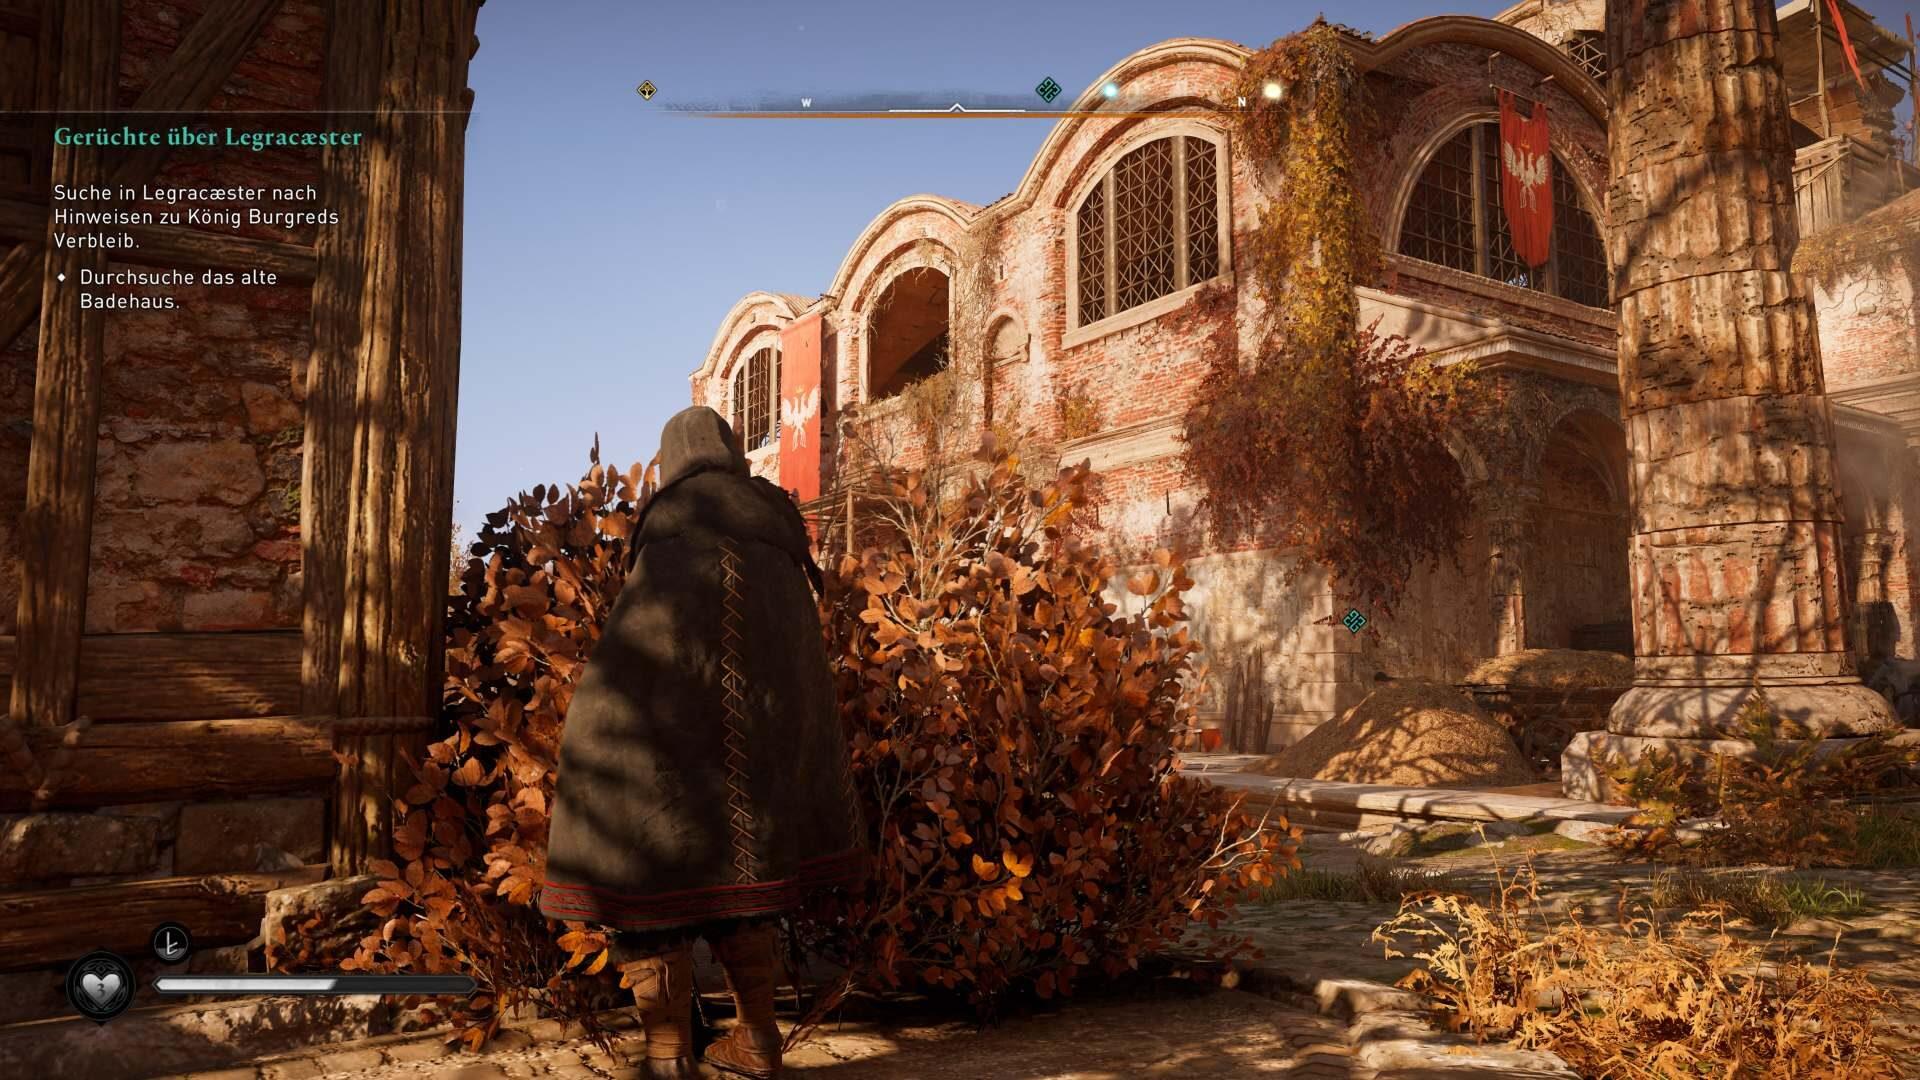 Die Kirche von Legracaester in Assassin's Creed Valhalla.